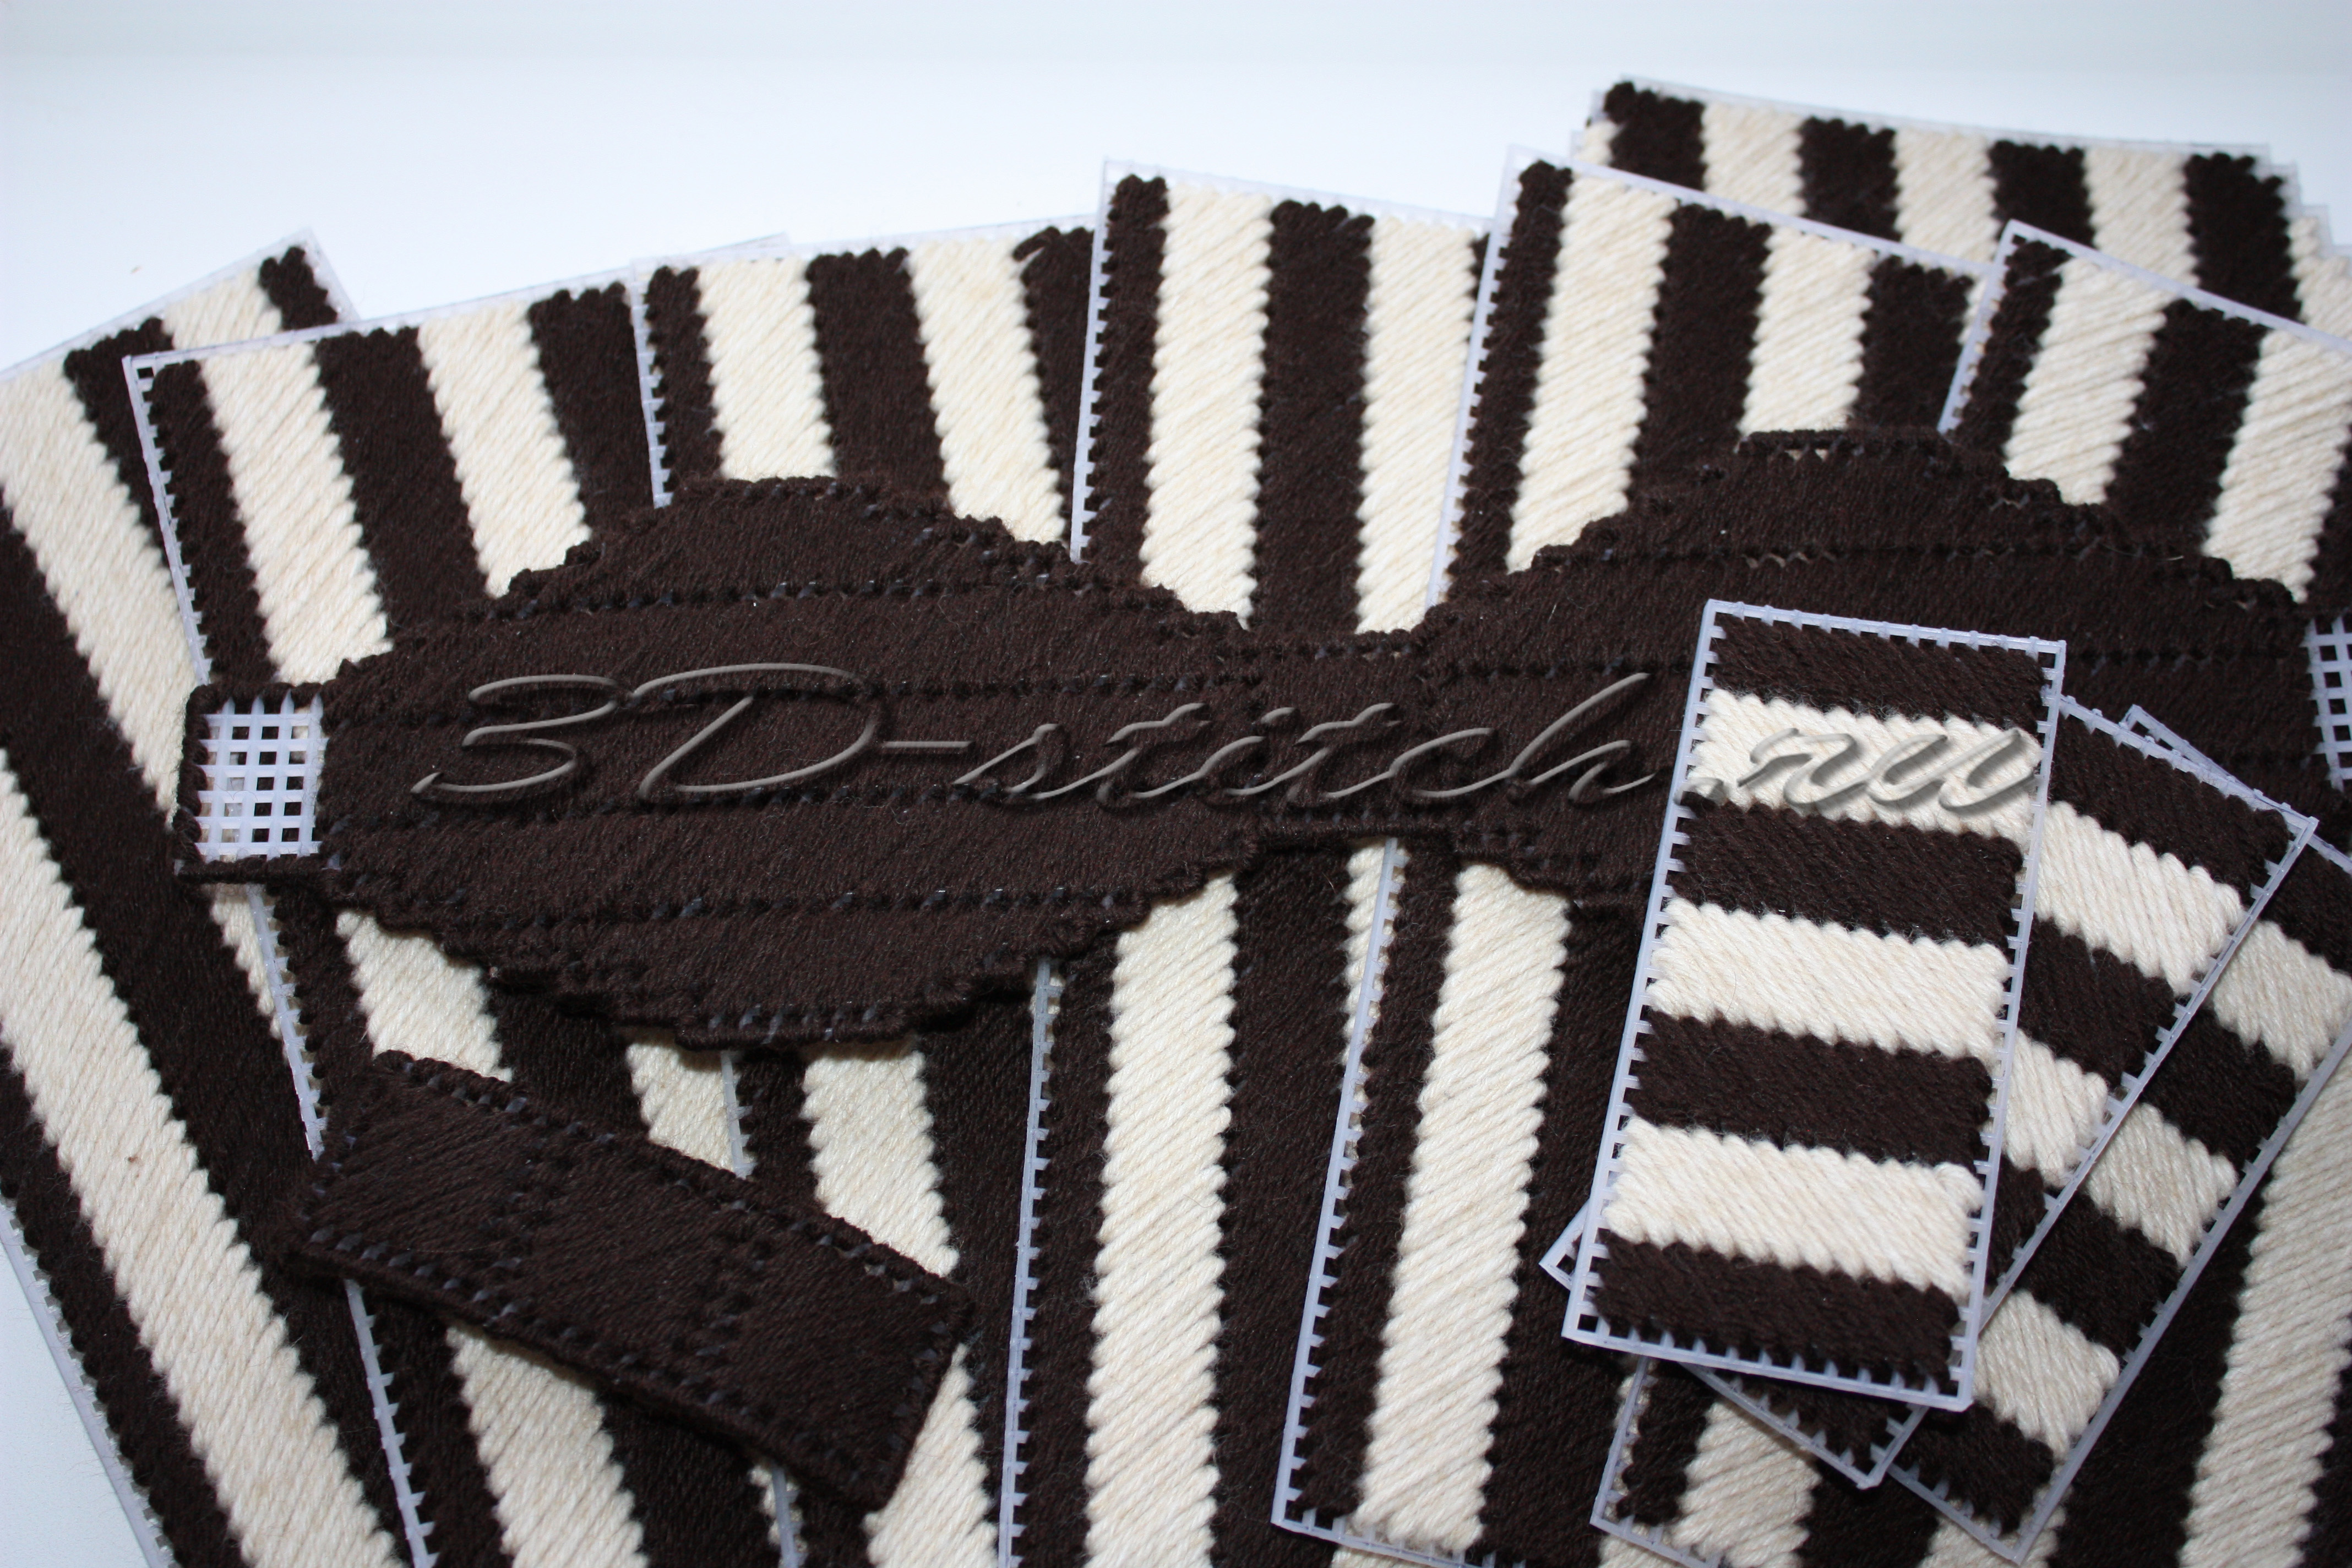 Объемная вышивка - мастер-класс - Вышитая шкатулка - Этап 2 - Готовые вышитые детали